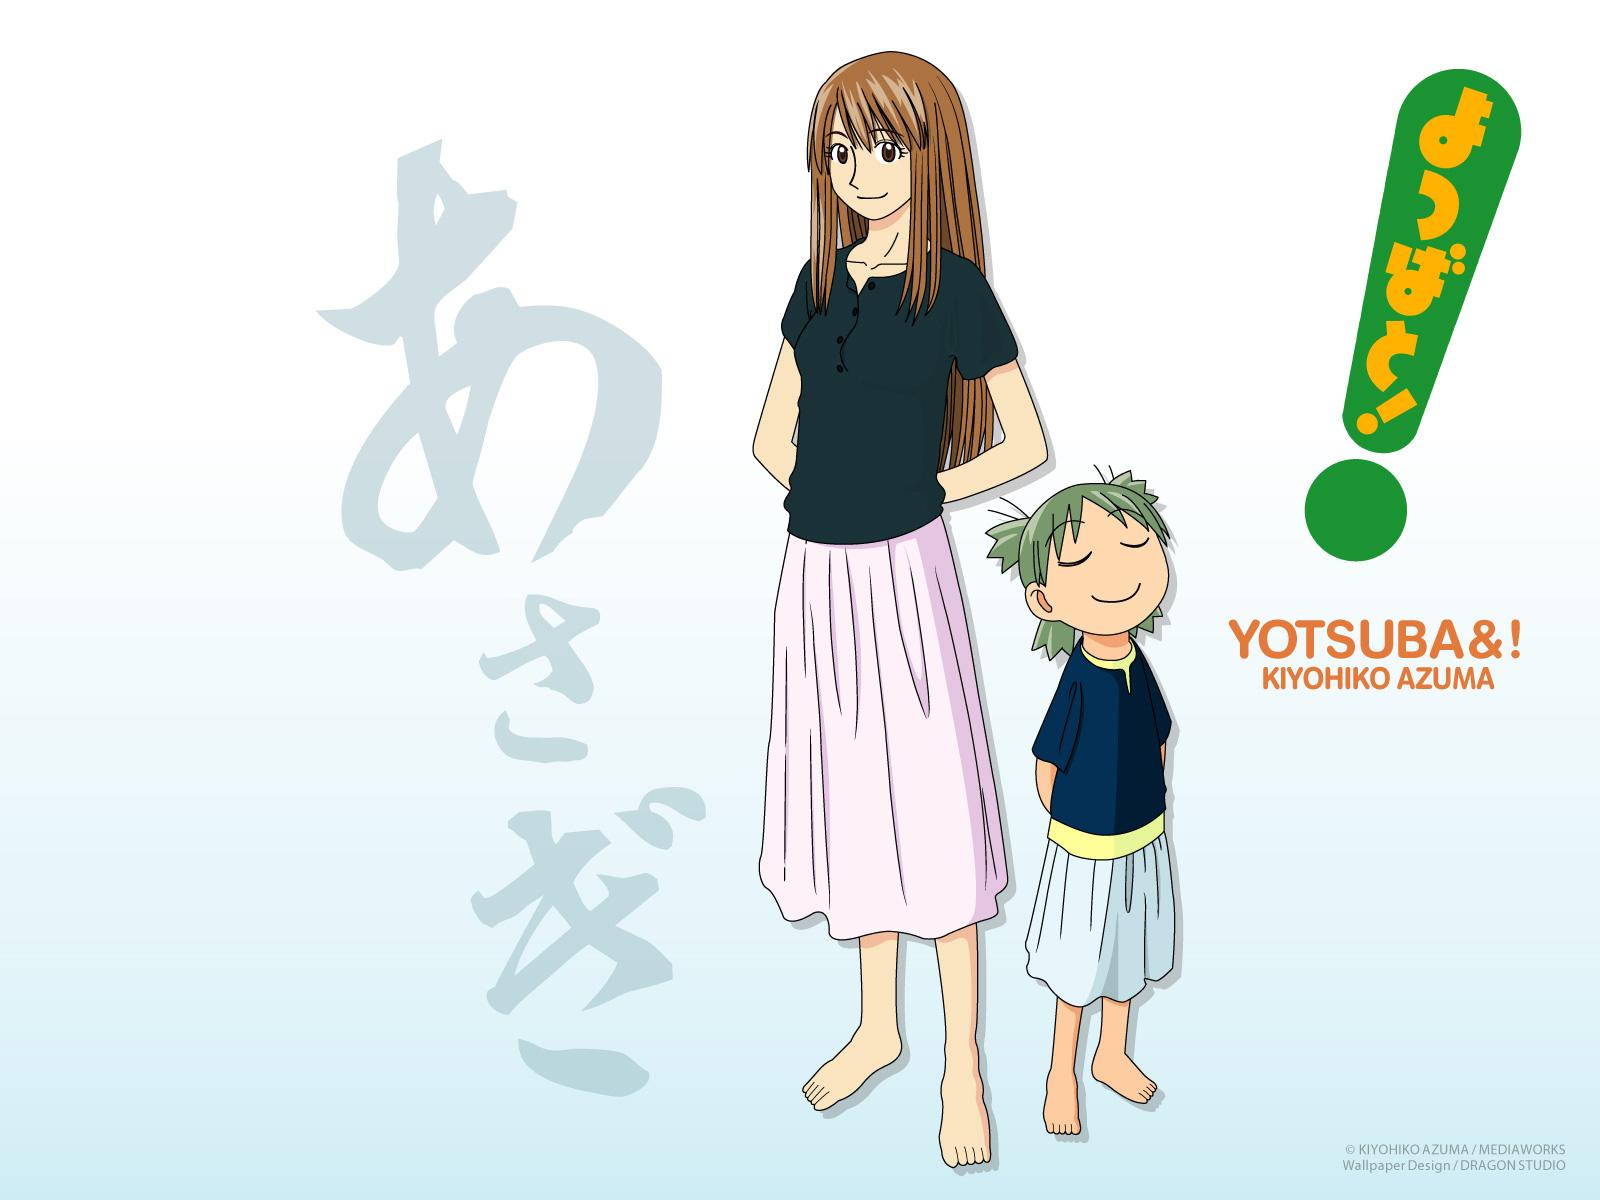 Konachancom - 5322 - azuma_kiyohiko food koiwai_yotsuba lobster white yotsubato 93